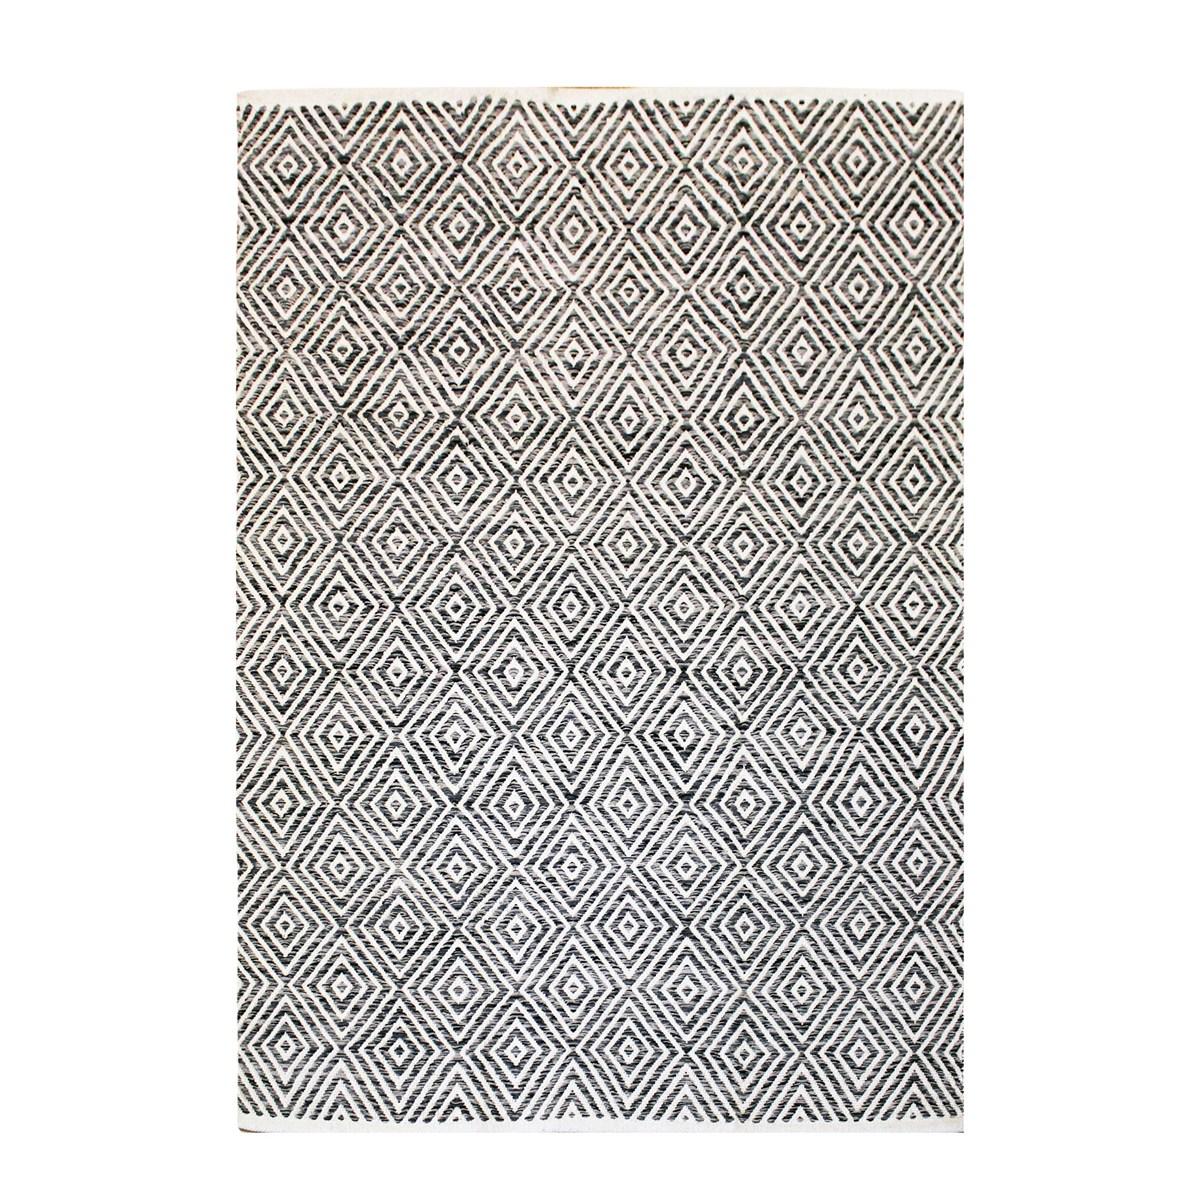 Tapis design en Coton Gris anthracite 120x170 cm